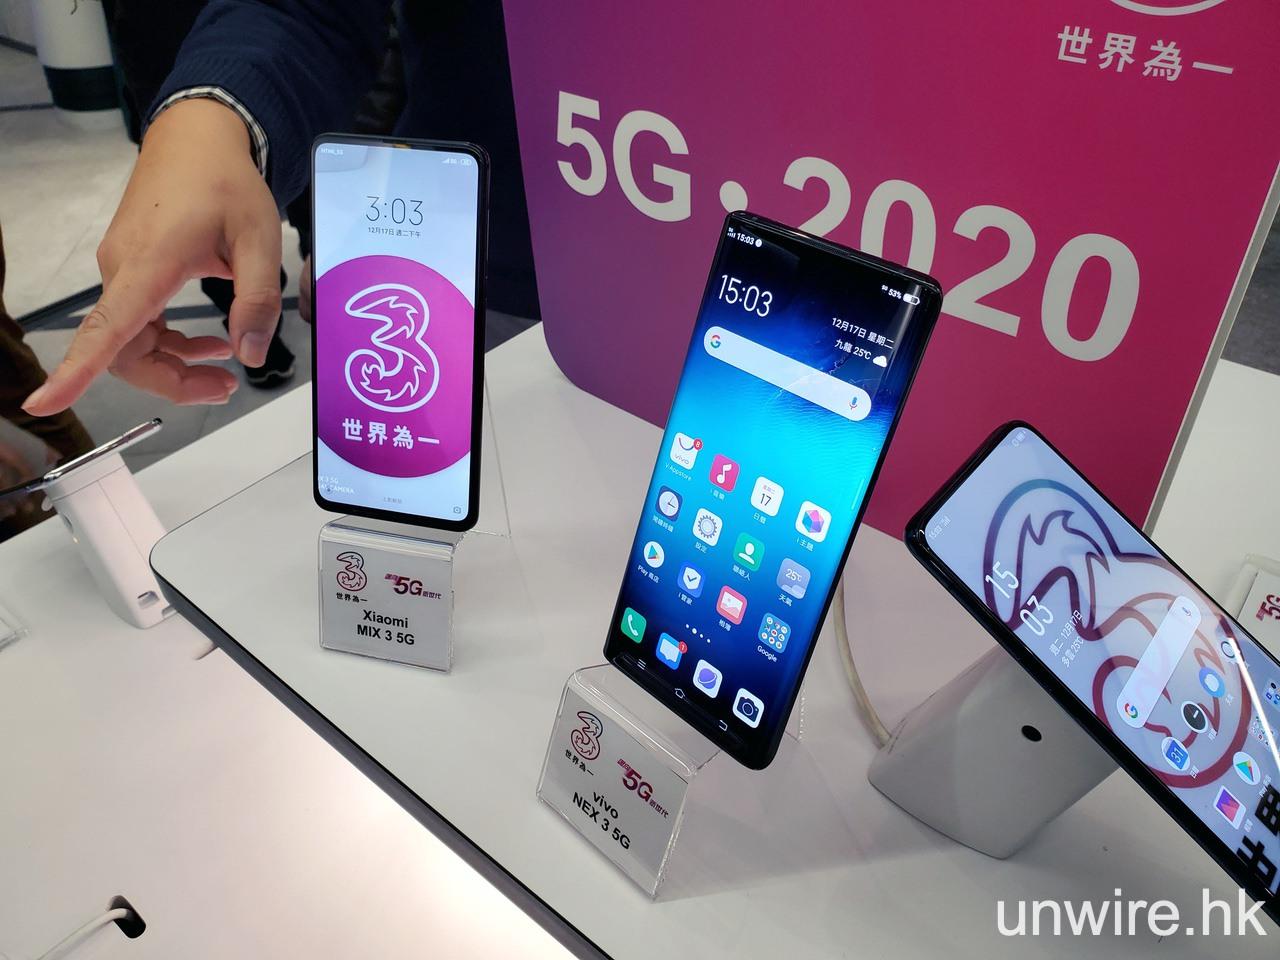 3 香港預告 5G 推出日期 香港定價 + 100GB 用量起跳 - 香港 unwire.hk